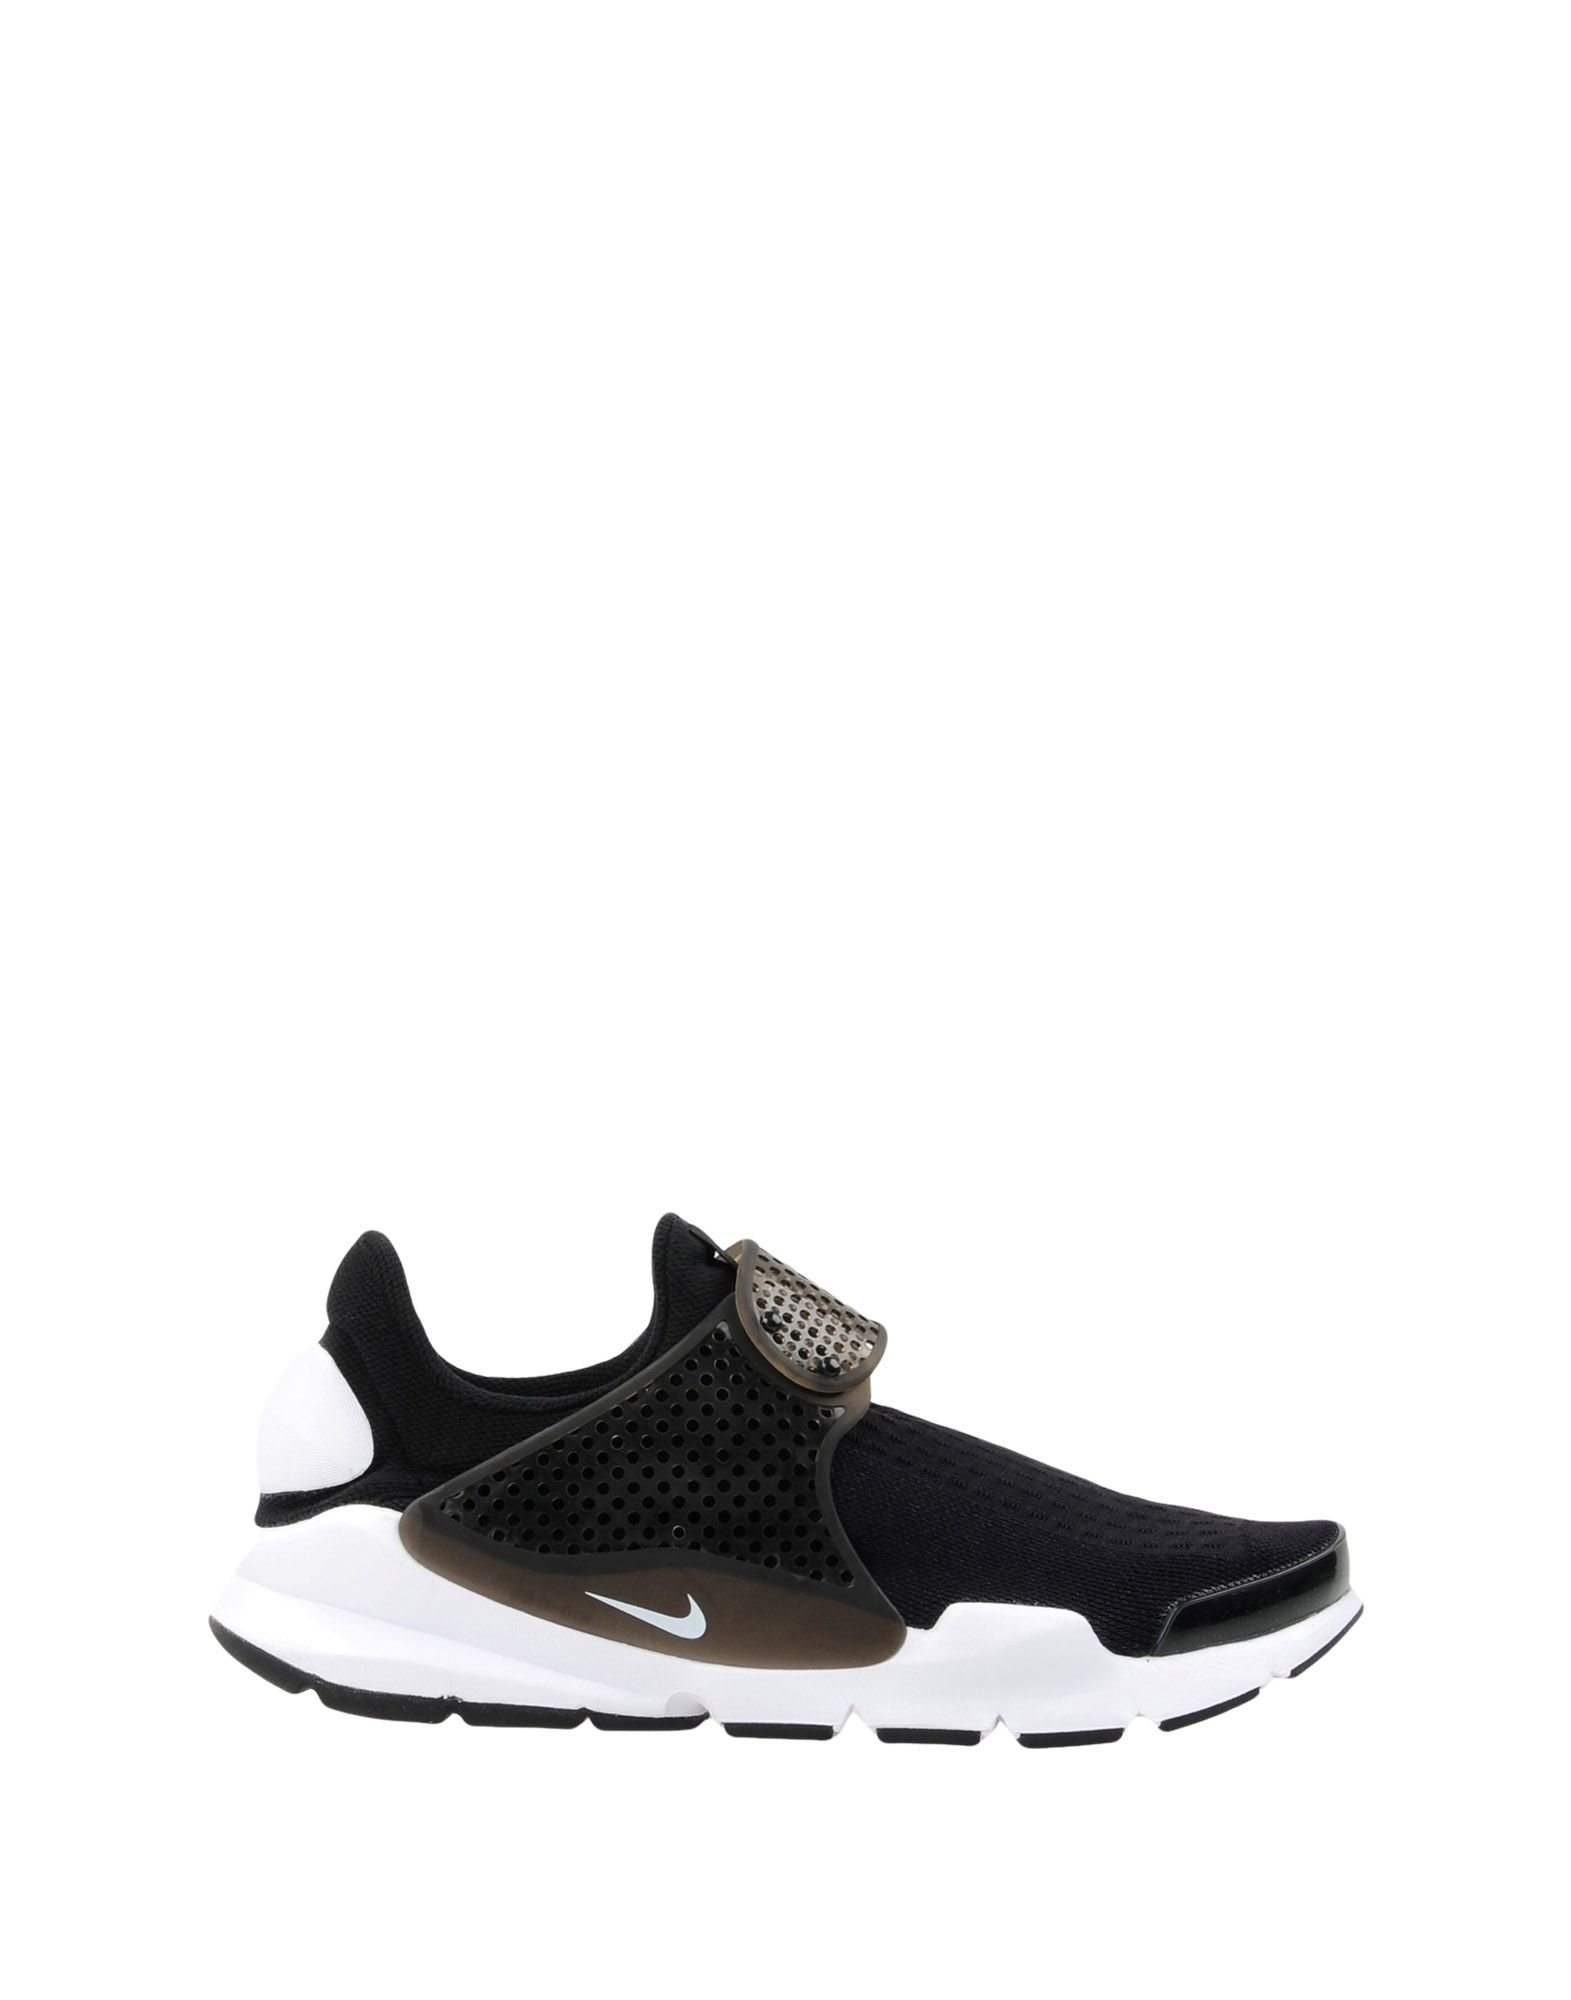 Sneakers Nike  Sock Dart Jackard - Homme - Sneakers Nike sur